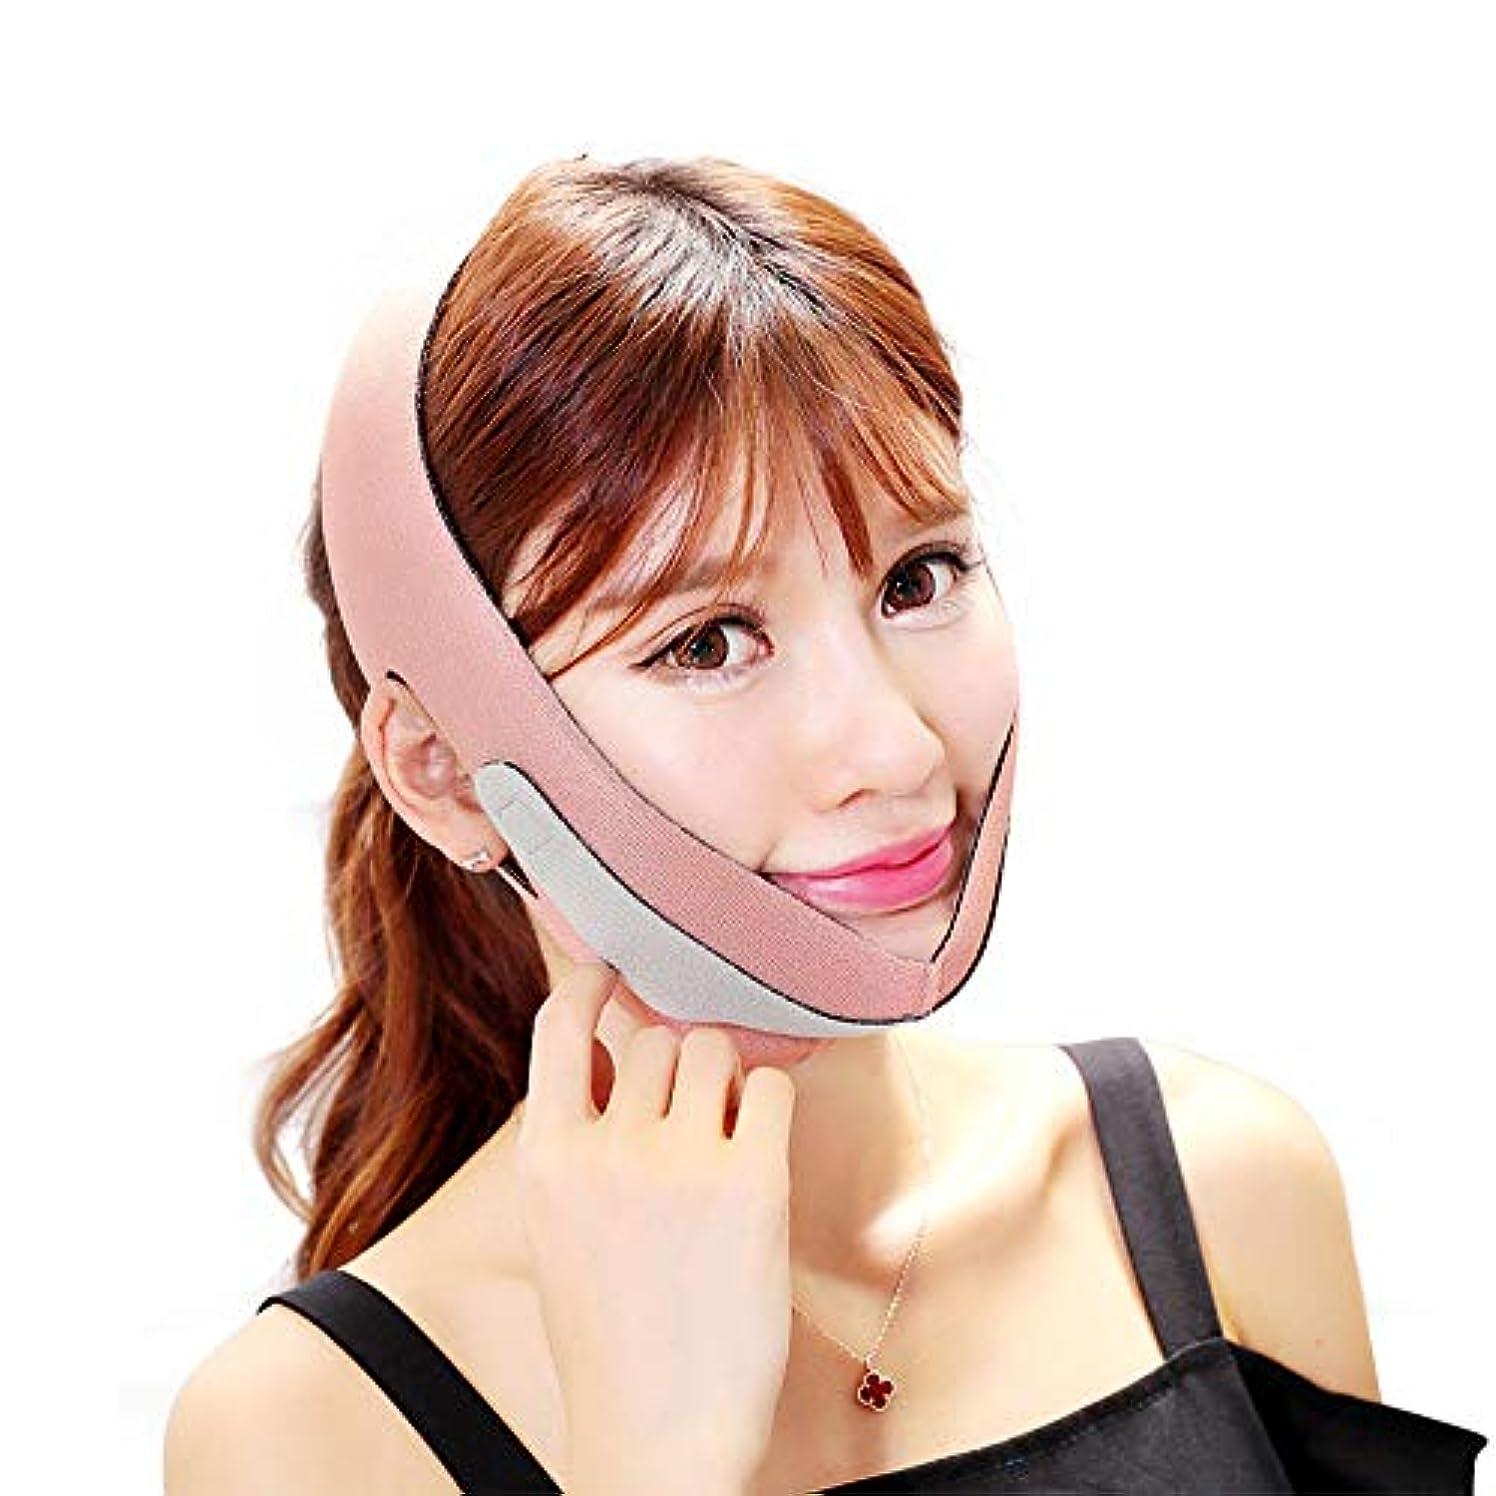 最大限ピボット分析的な【Maveni】小顔 ベルト 美顔 顔痩せ 最新型 リフトアップベルト フェイスマスク メンズ レディース